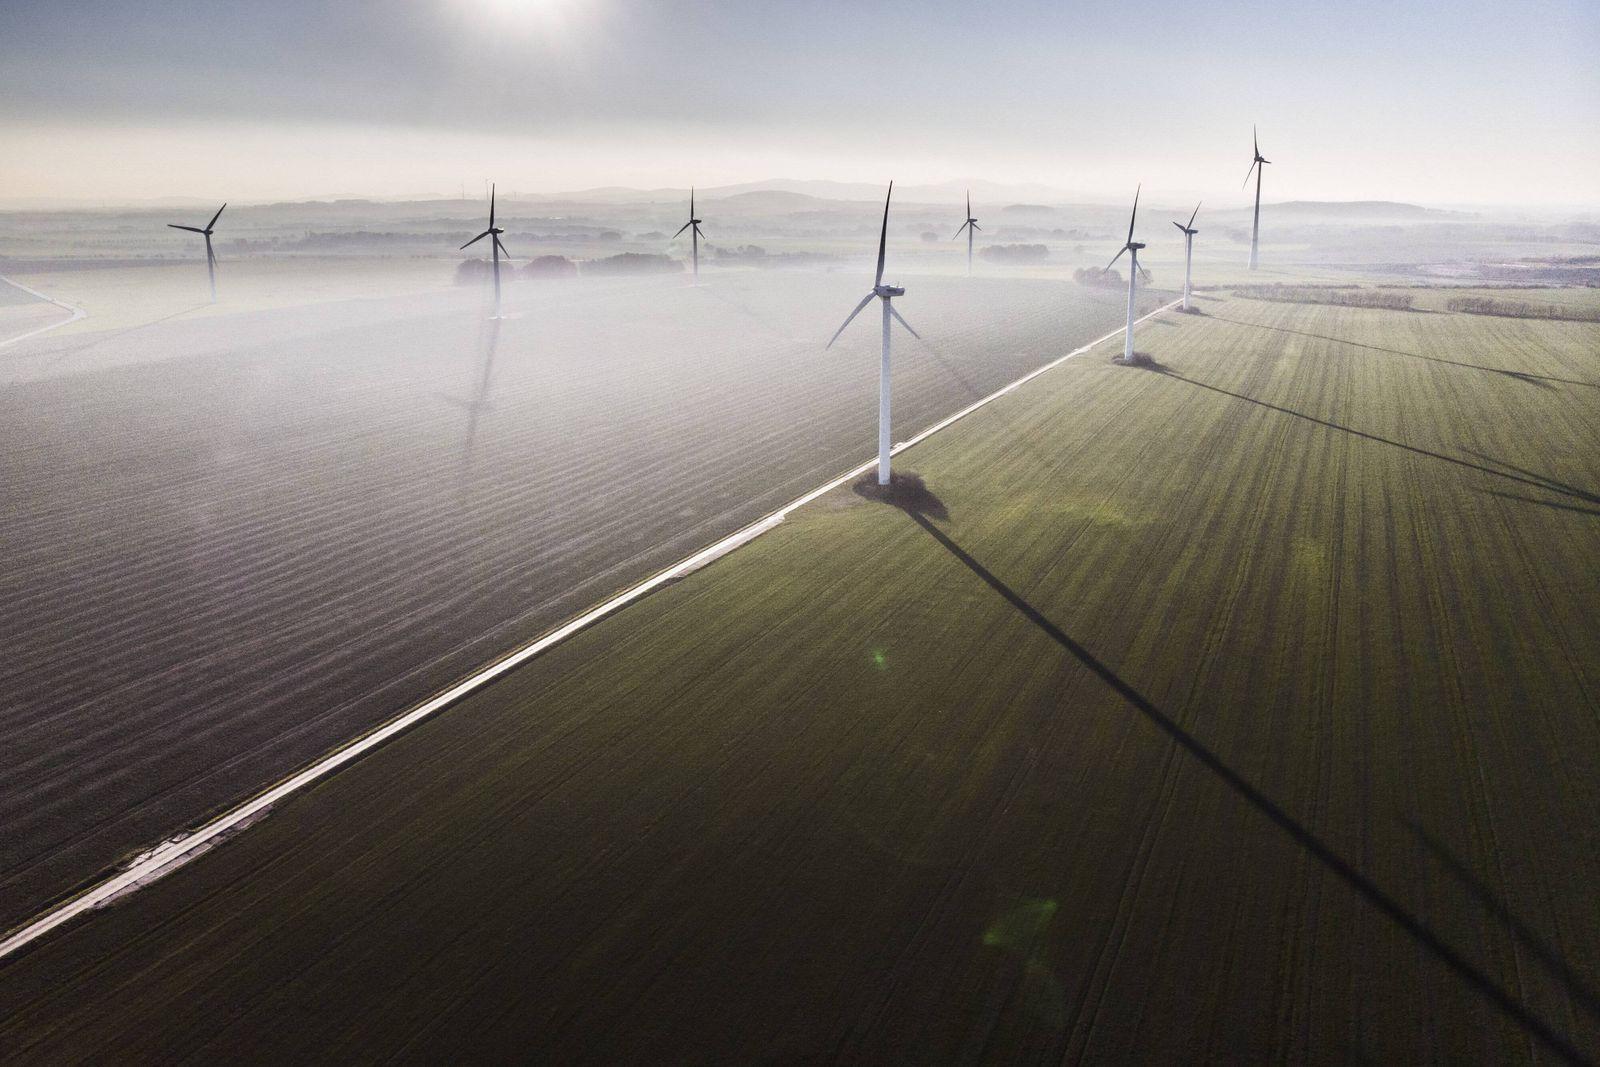 Windraeder im Nebel, aufgenommen in Melaune, 11.11.2018. Melaune Deutschland *** Windmills in the fog recorded in Melau